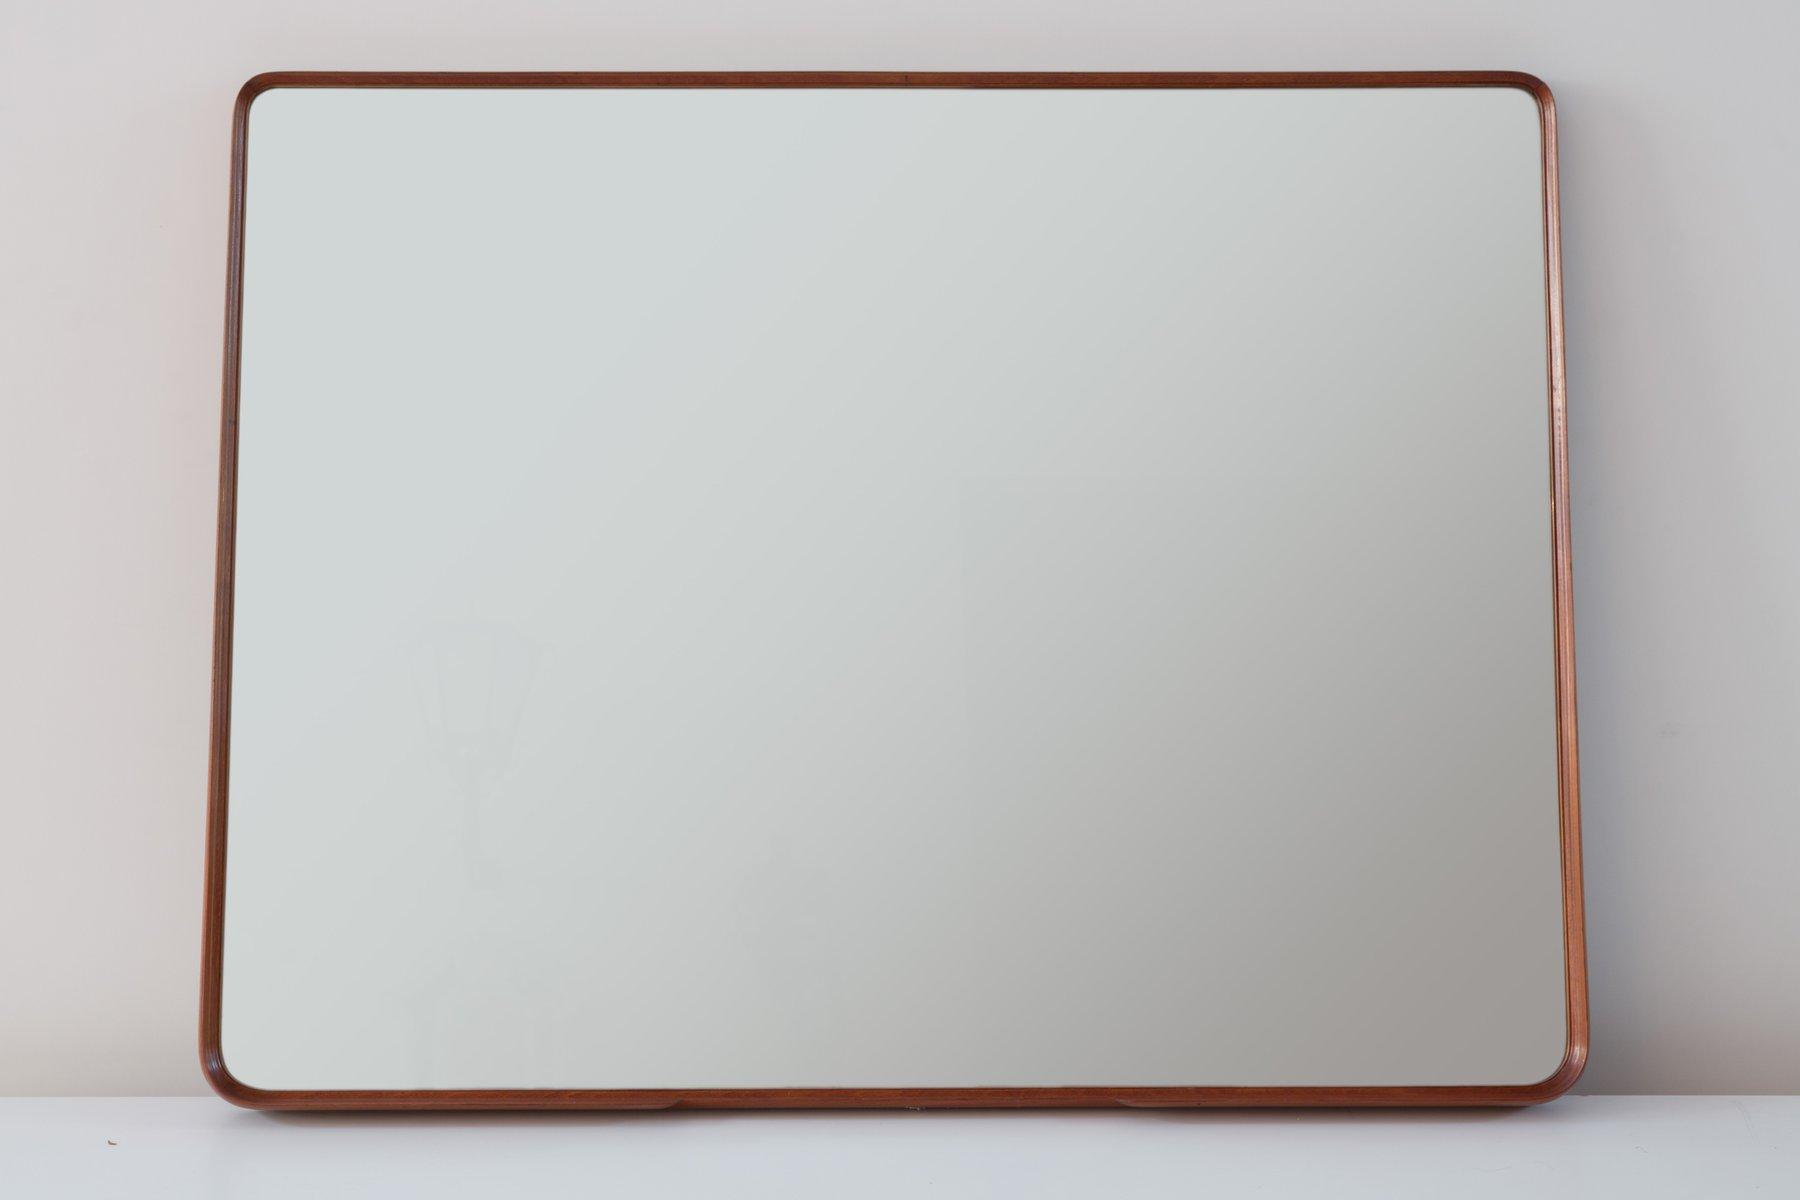 Specchio da parete di Paolo Buffa, 1948 in vendita su Pamono